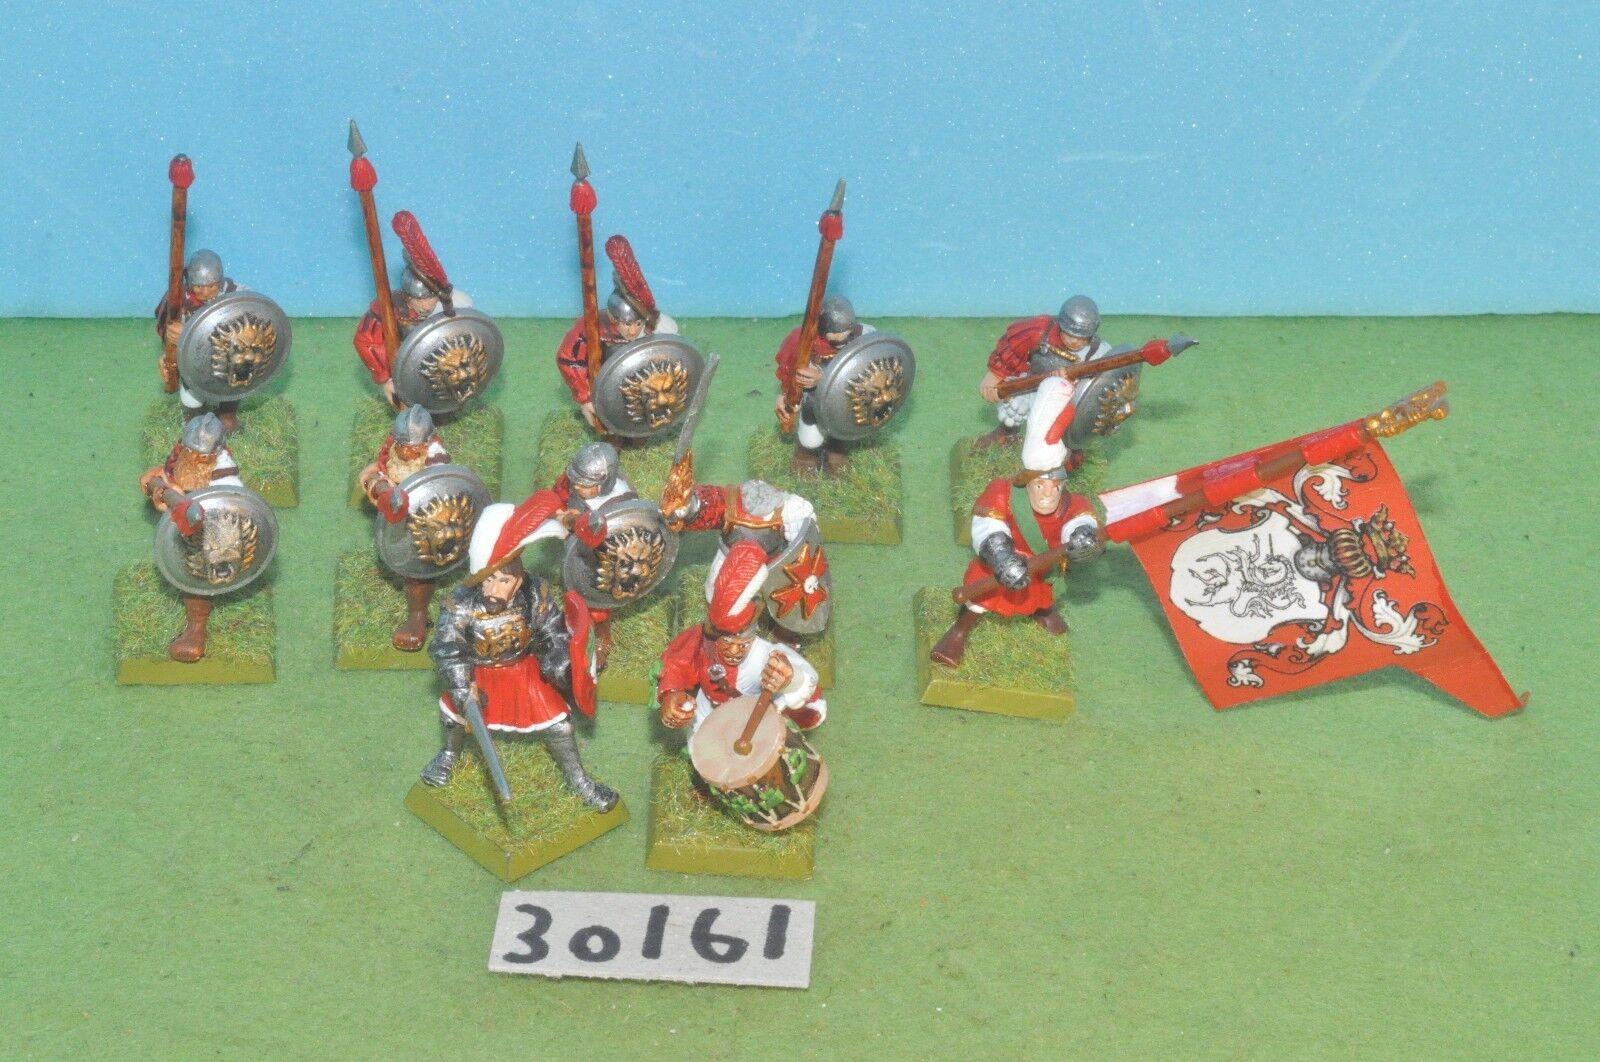 Empire spearmen pikemen 12 sigmar order fantasy (30161) warhammer